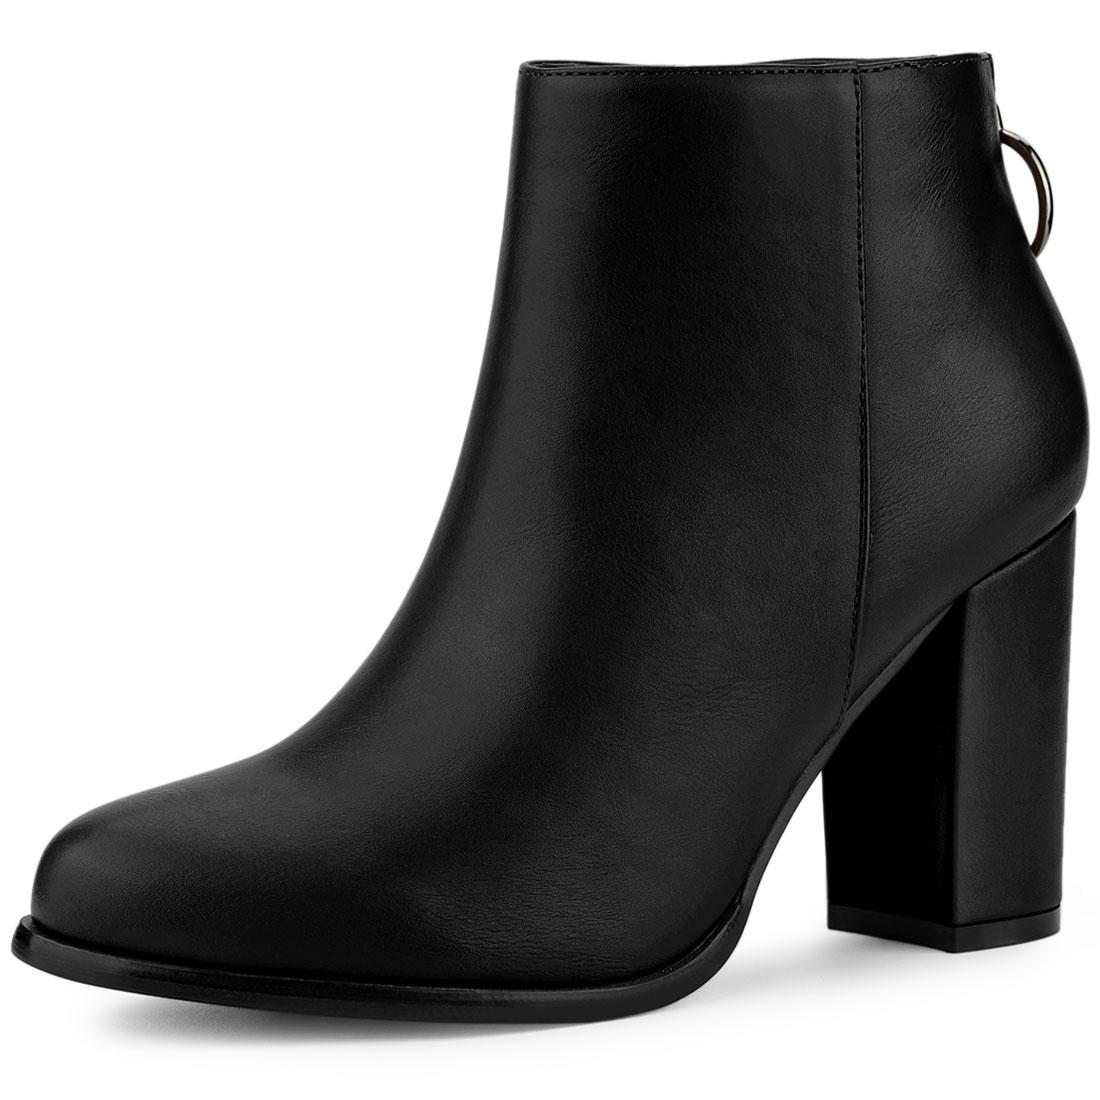 Allegra K Women's Round Toe Back Zip Block Heel Ankle Booties Black US 9